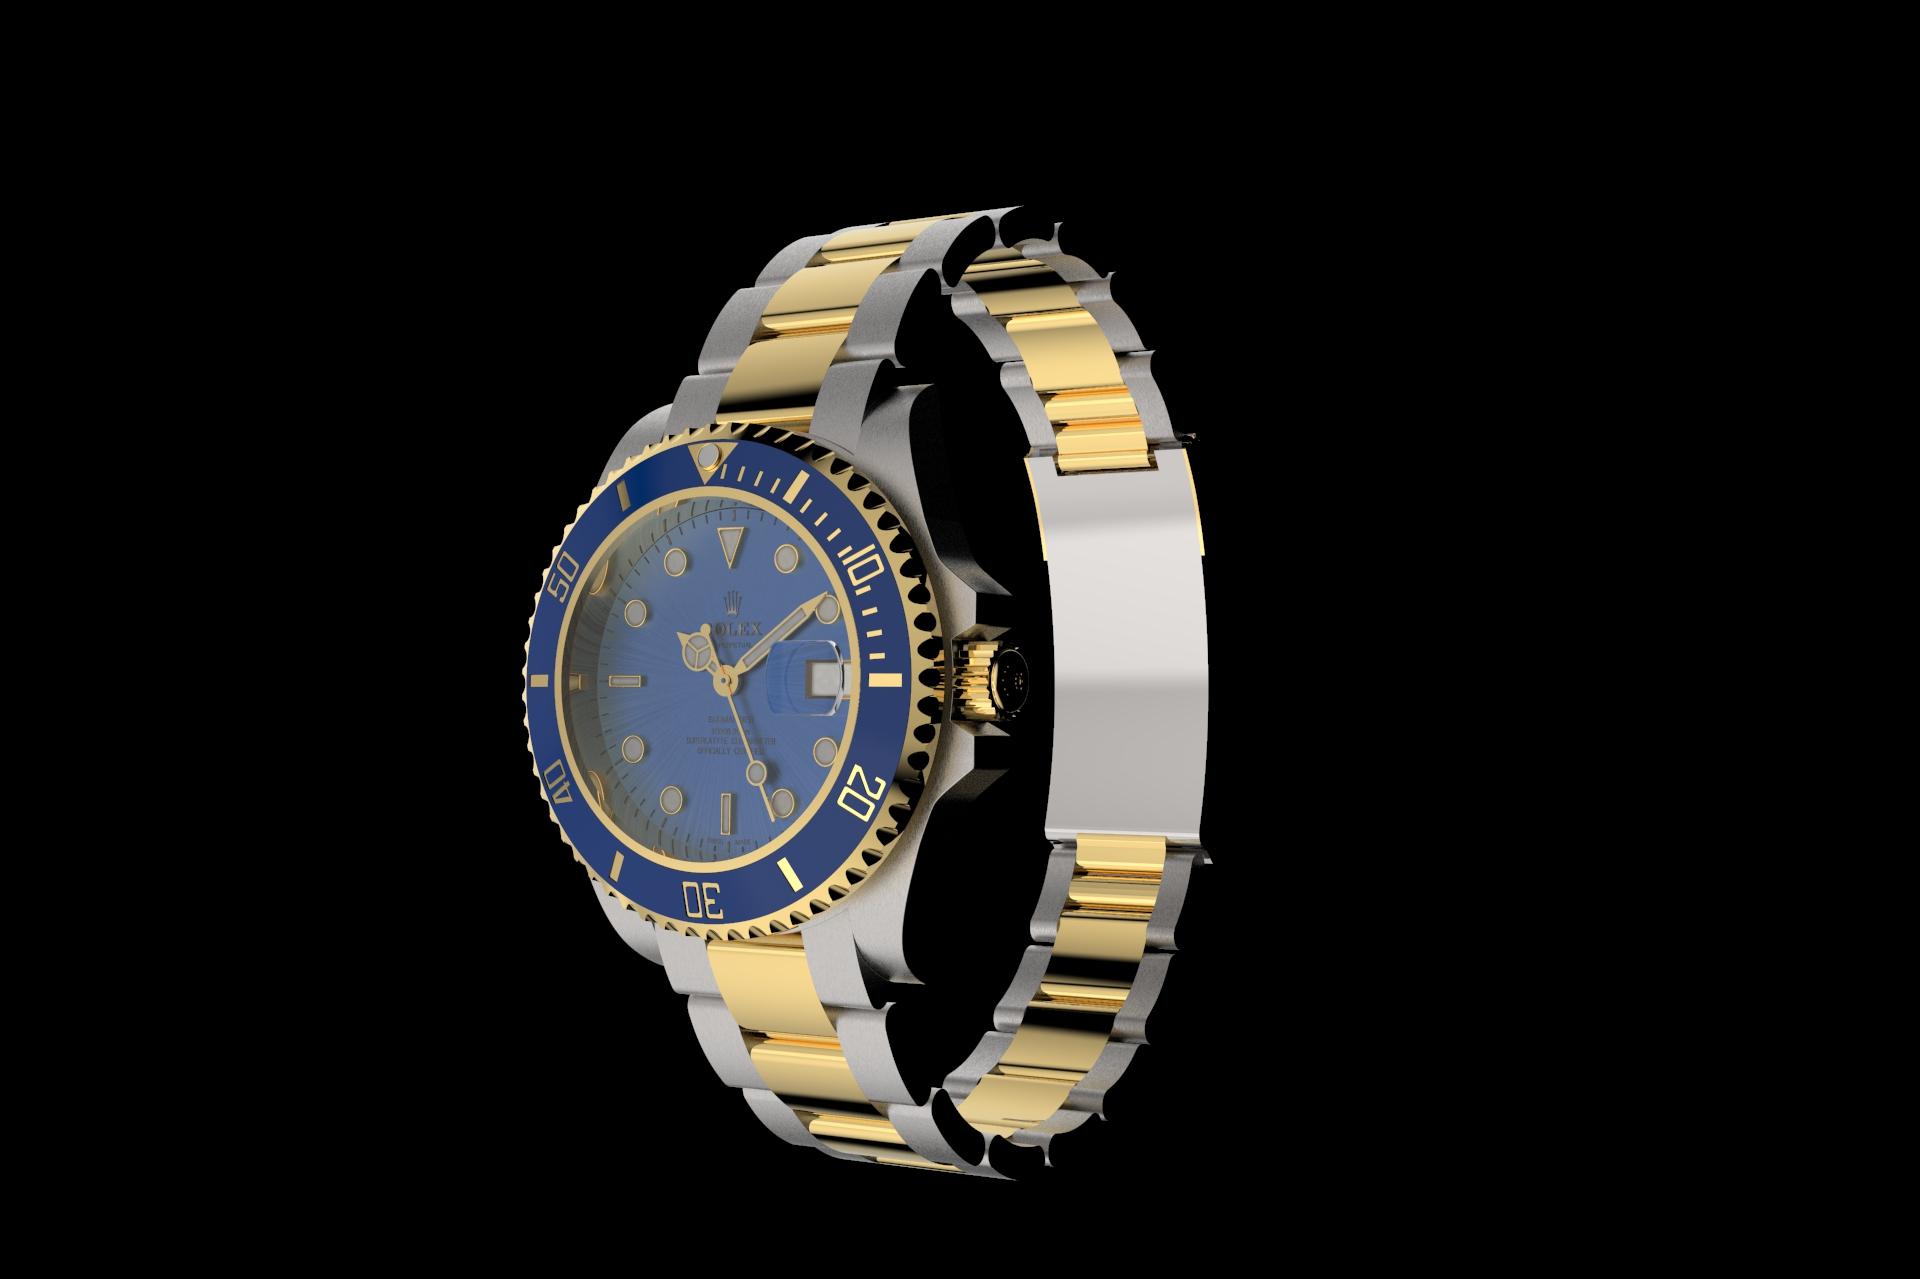 Rolex-Submariner-Modellazione3D